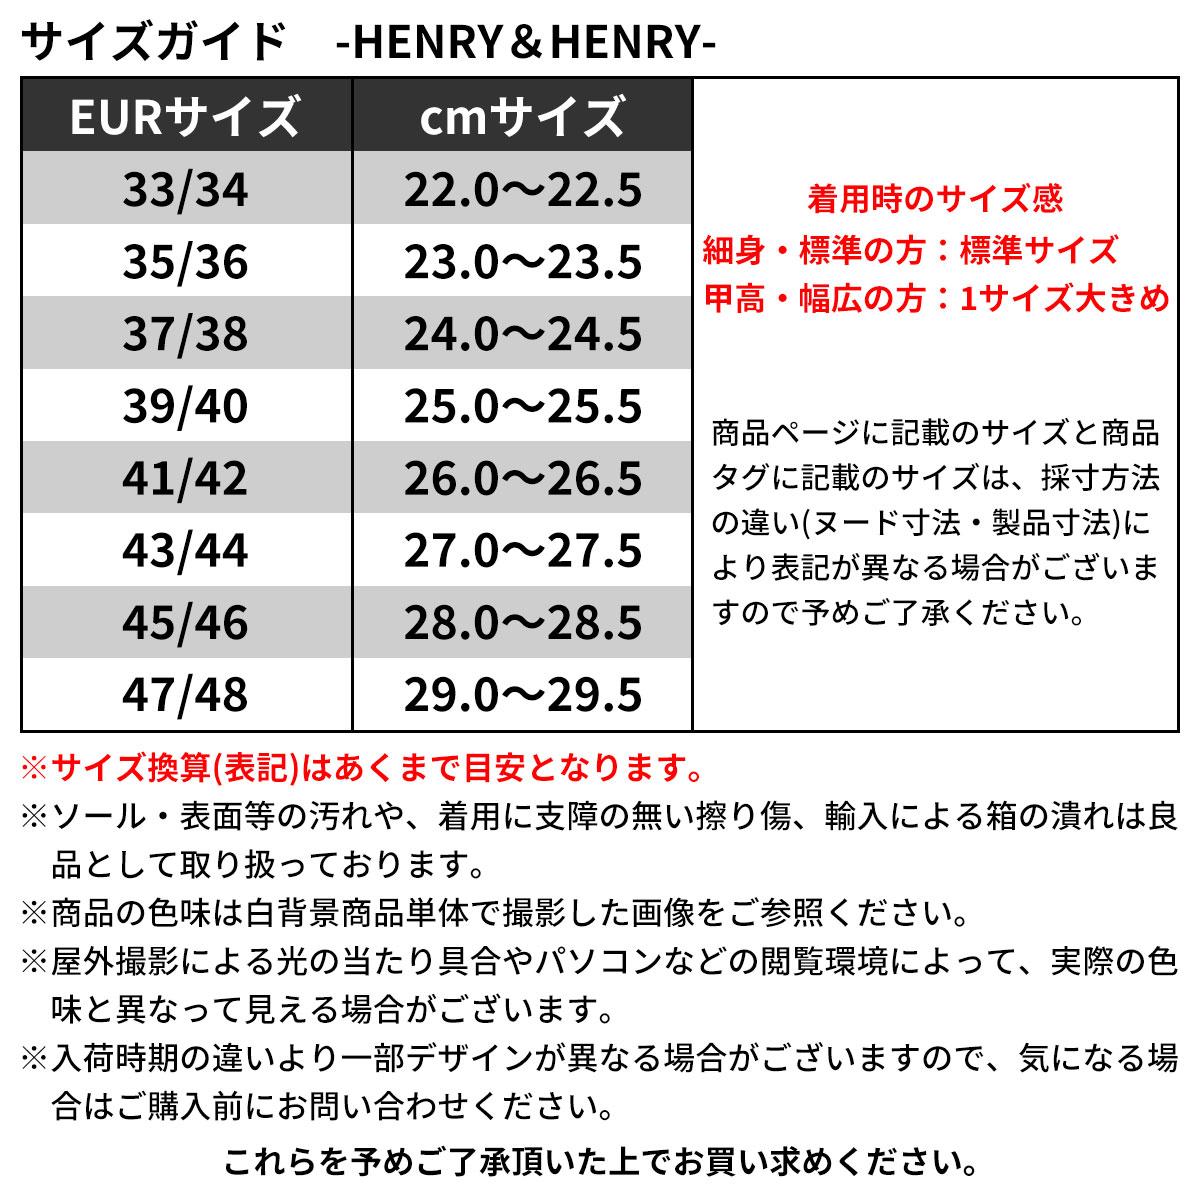 ヘンリーアンドヘンリー HENRY&HENRY 正規販売店 サンダル フリッパー FRIPPER SANDAL VERDE(KAHKI) 51 A66B B3C C4D D3E E05F